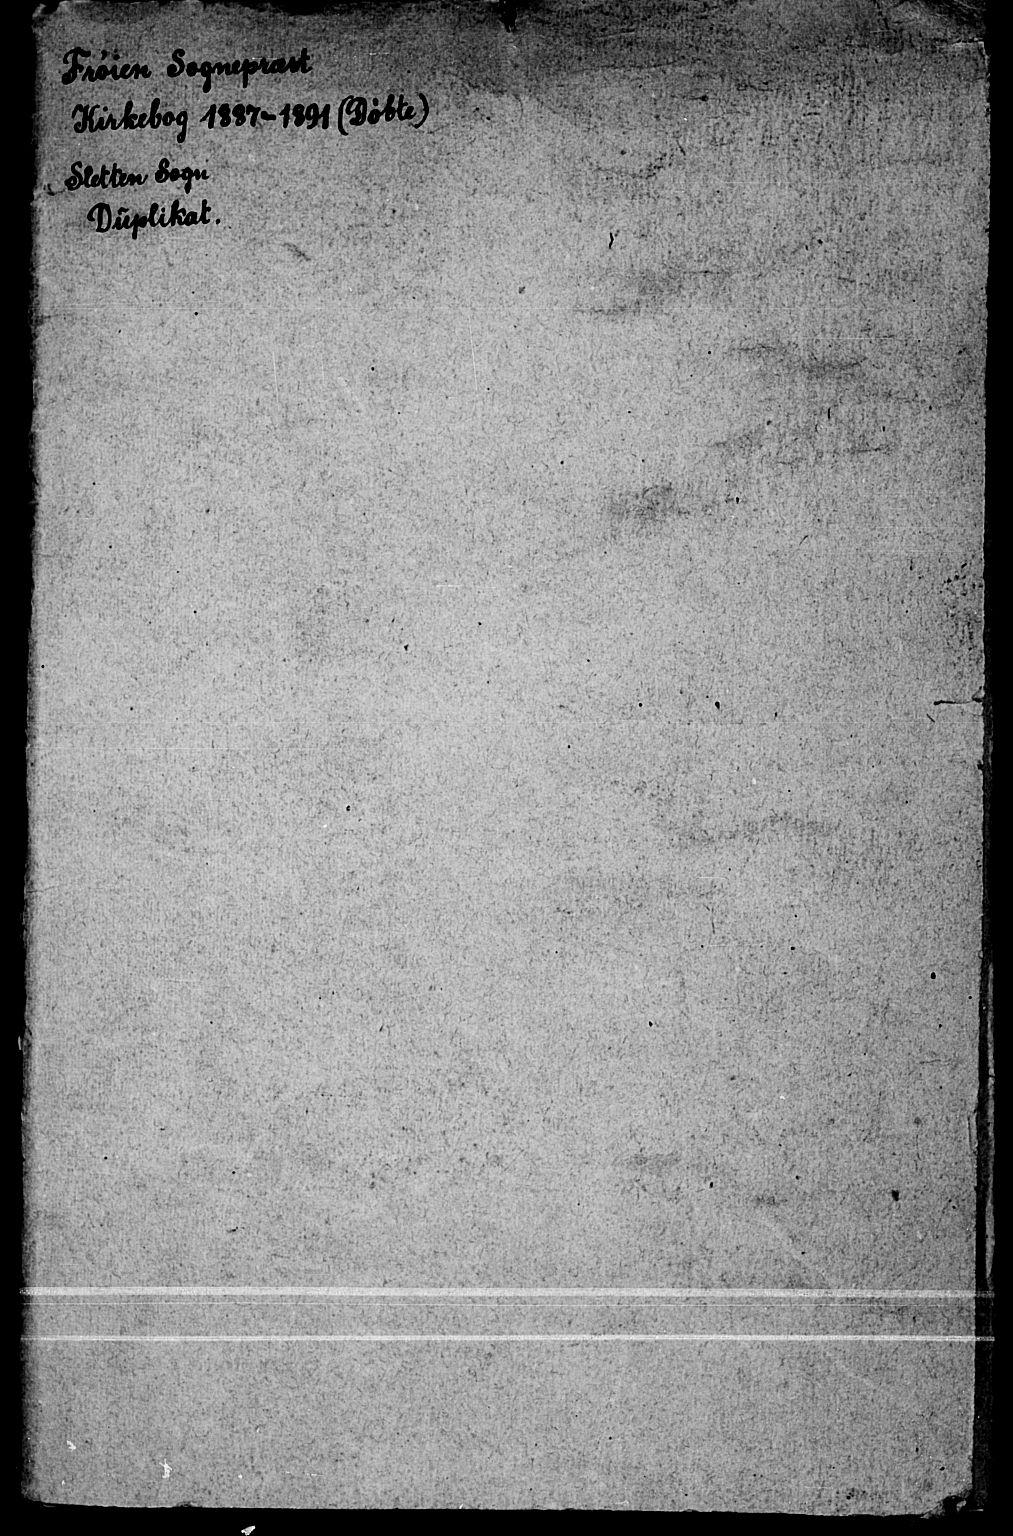 SAT, Ministerialprotokoller, klokkerbøker og fødselsregistre - Sør-Trøndelag, 640/L0587: Klokkerbok nr. 640C04, 1887-1891